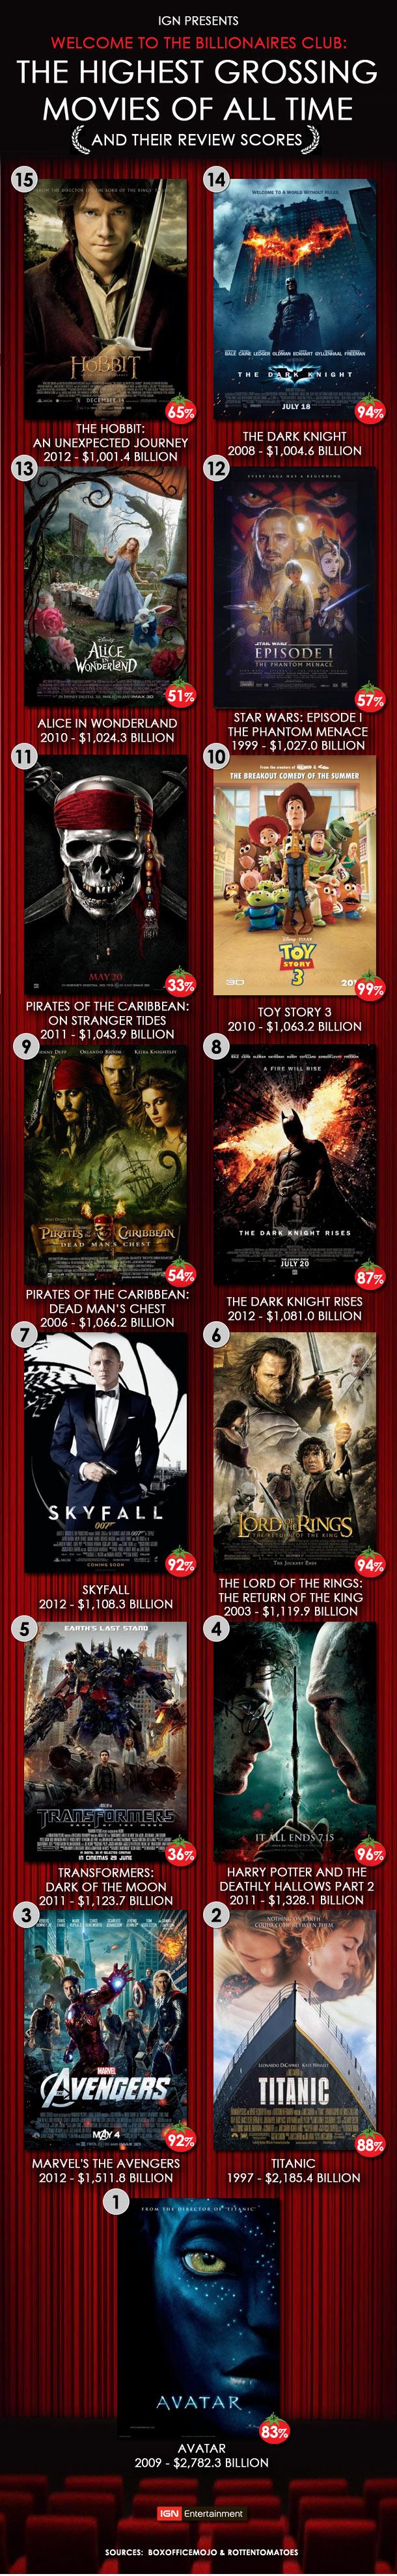 El Hobbit - Página 12 TopGrossingMovies